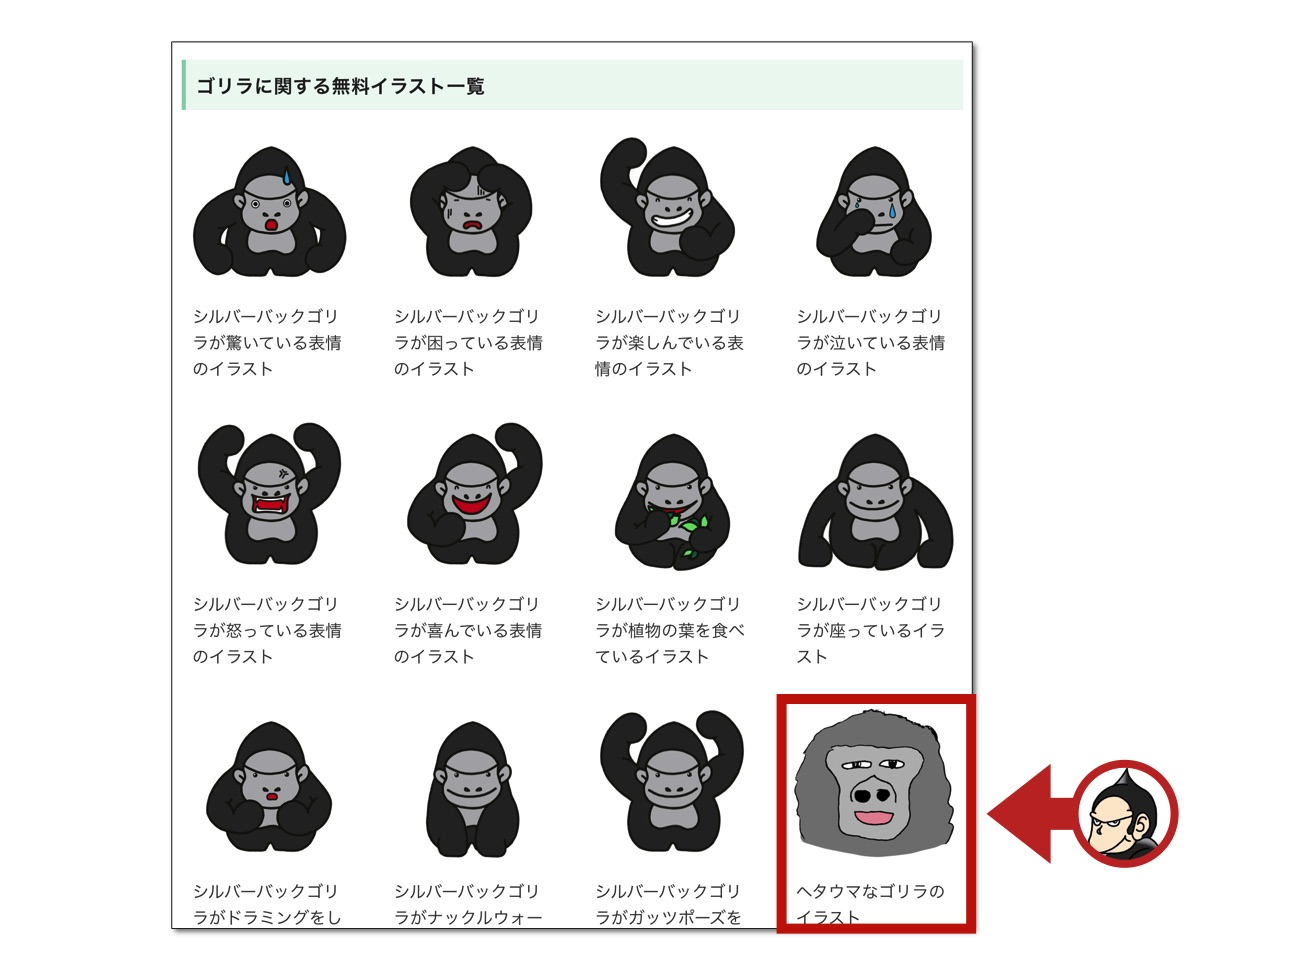 「ゴリラのイラスト」カテゴリーに松本さんのイラストが!